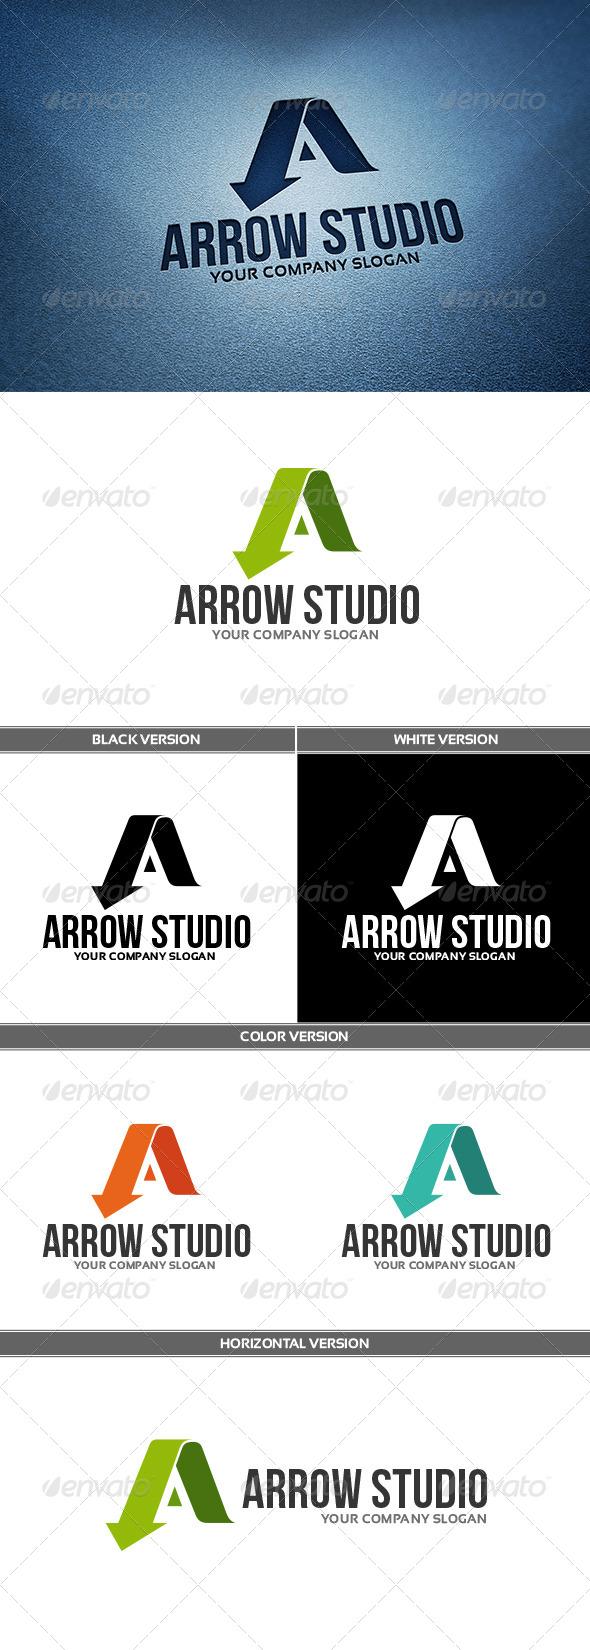 GraphicRiver ArrowStudio Logo 6726820